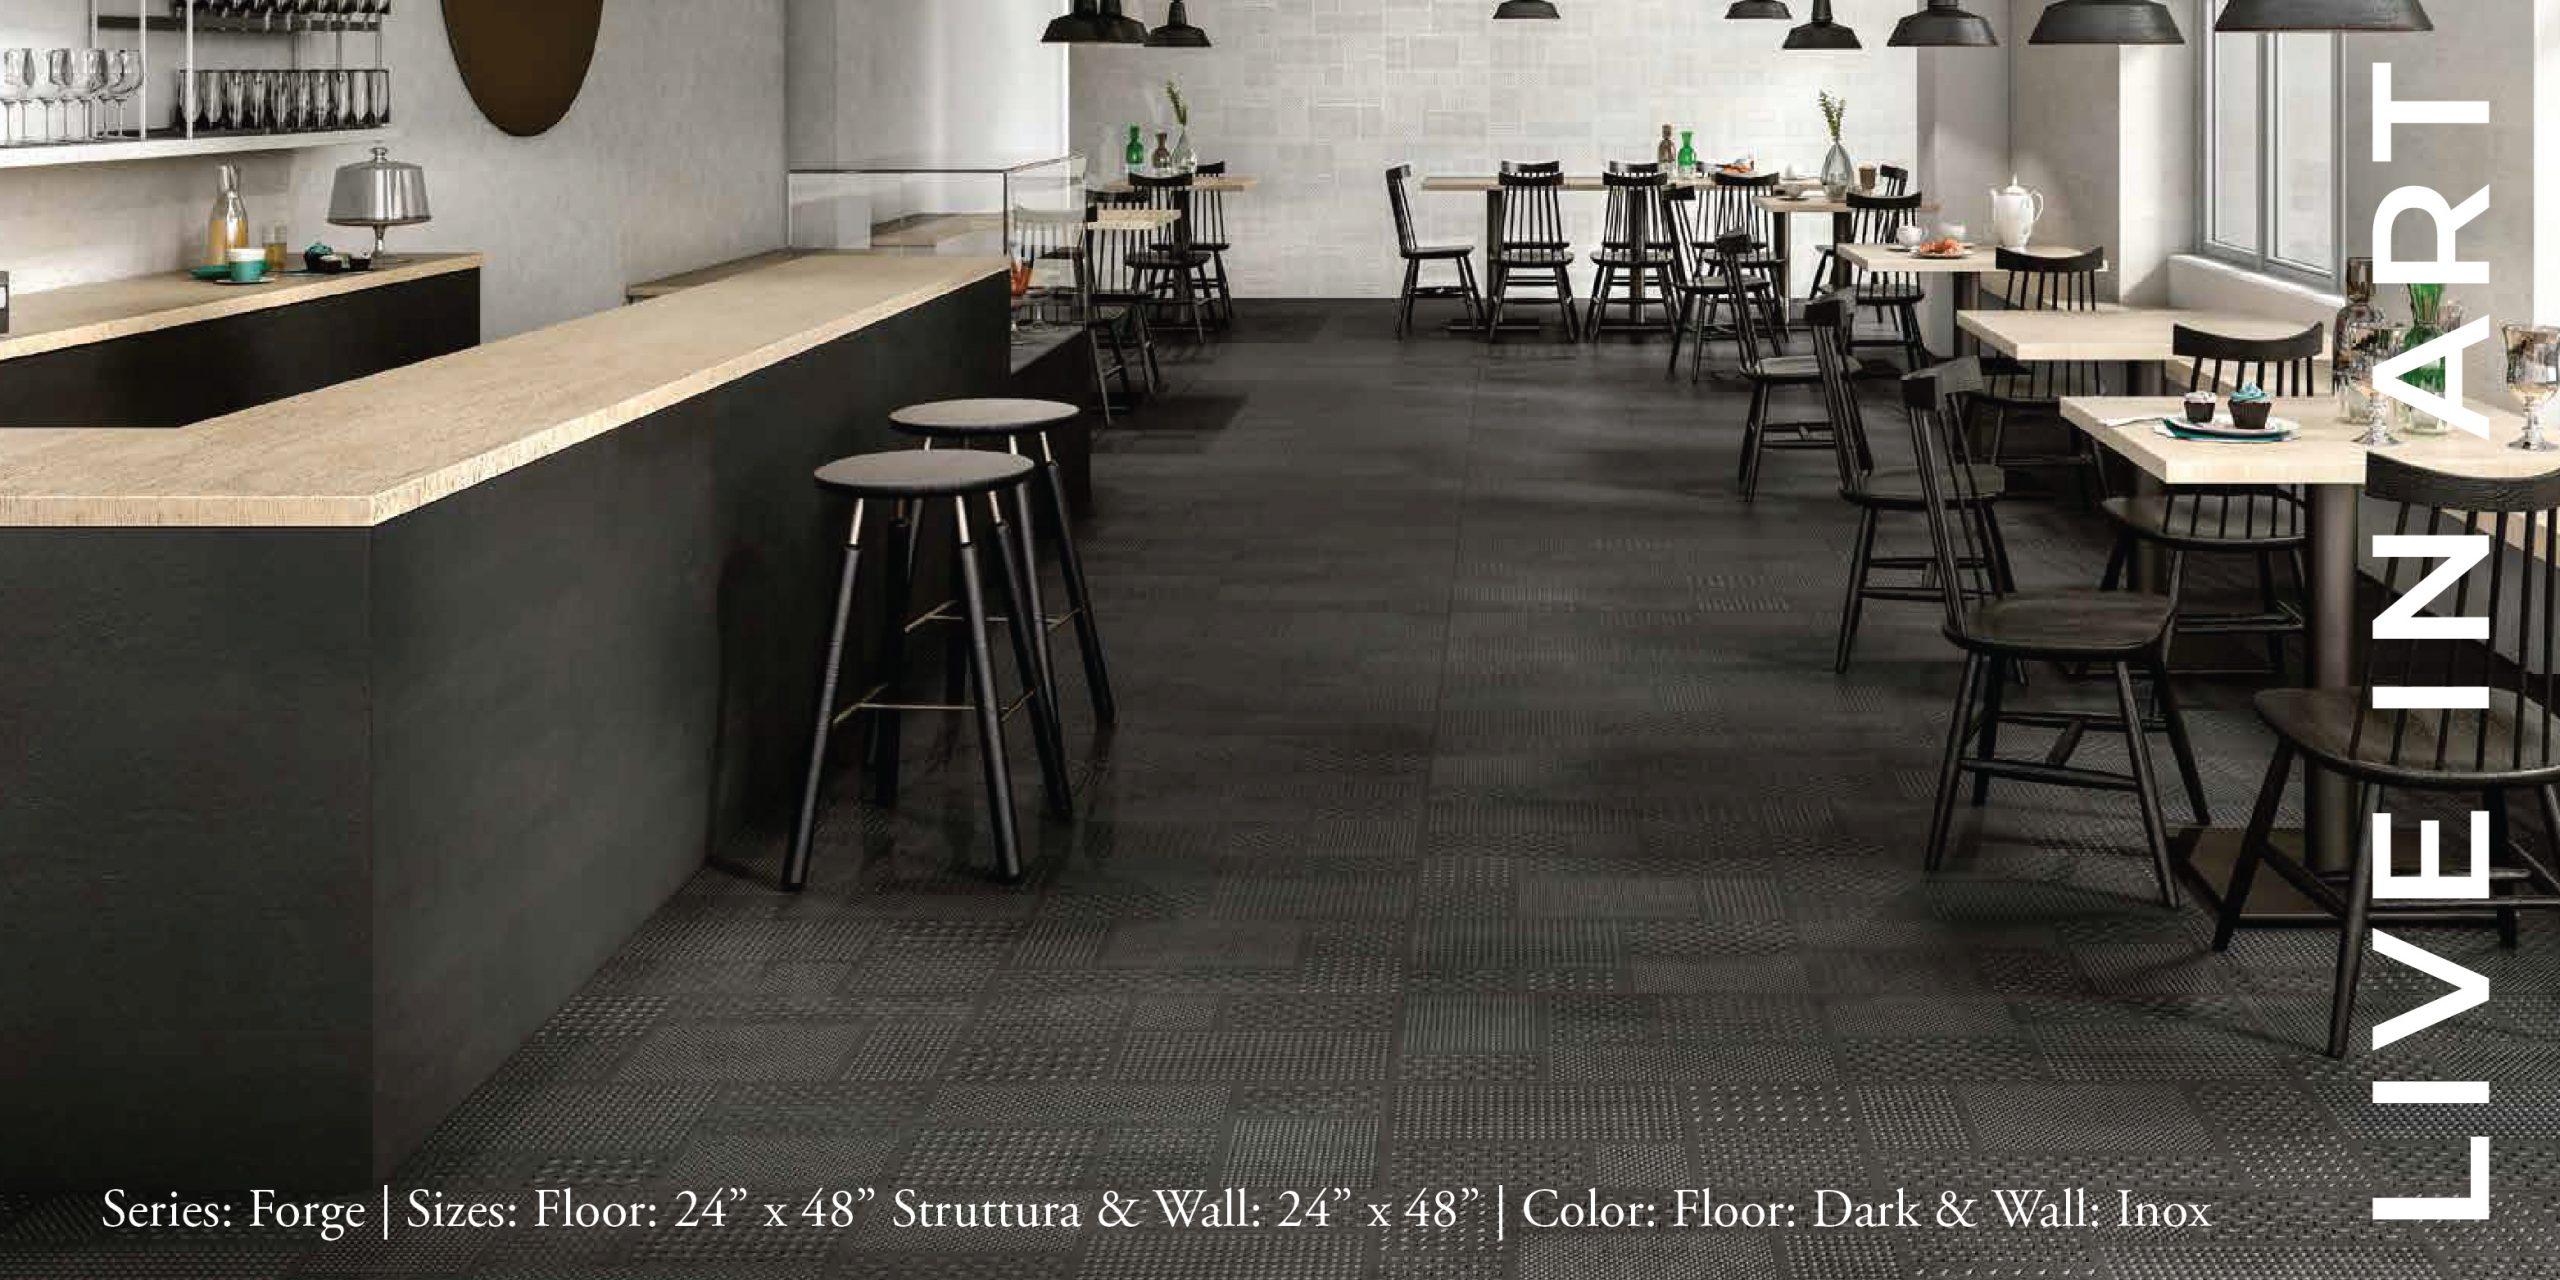 Forge Dark Inox 24x48 Struttura